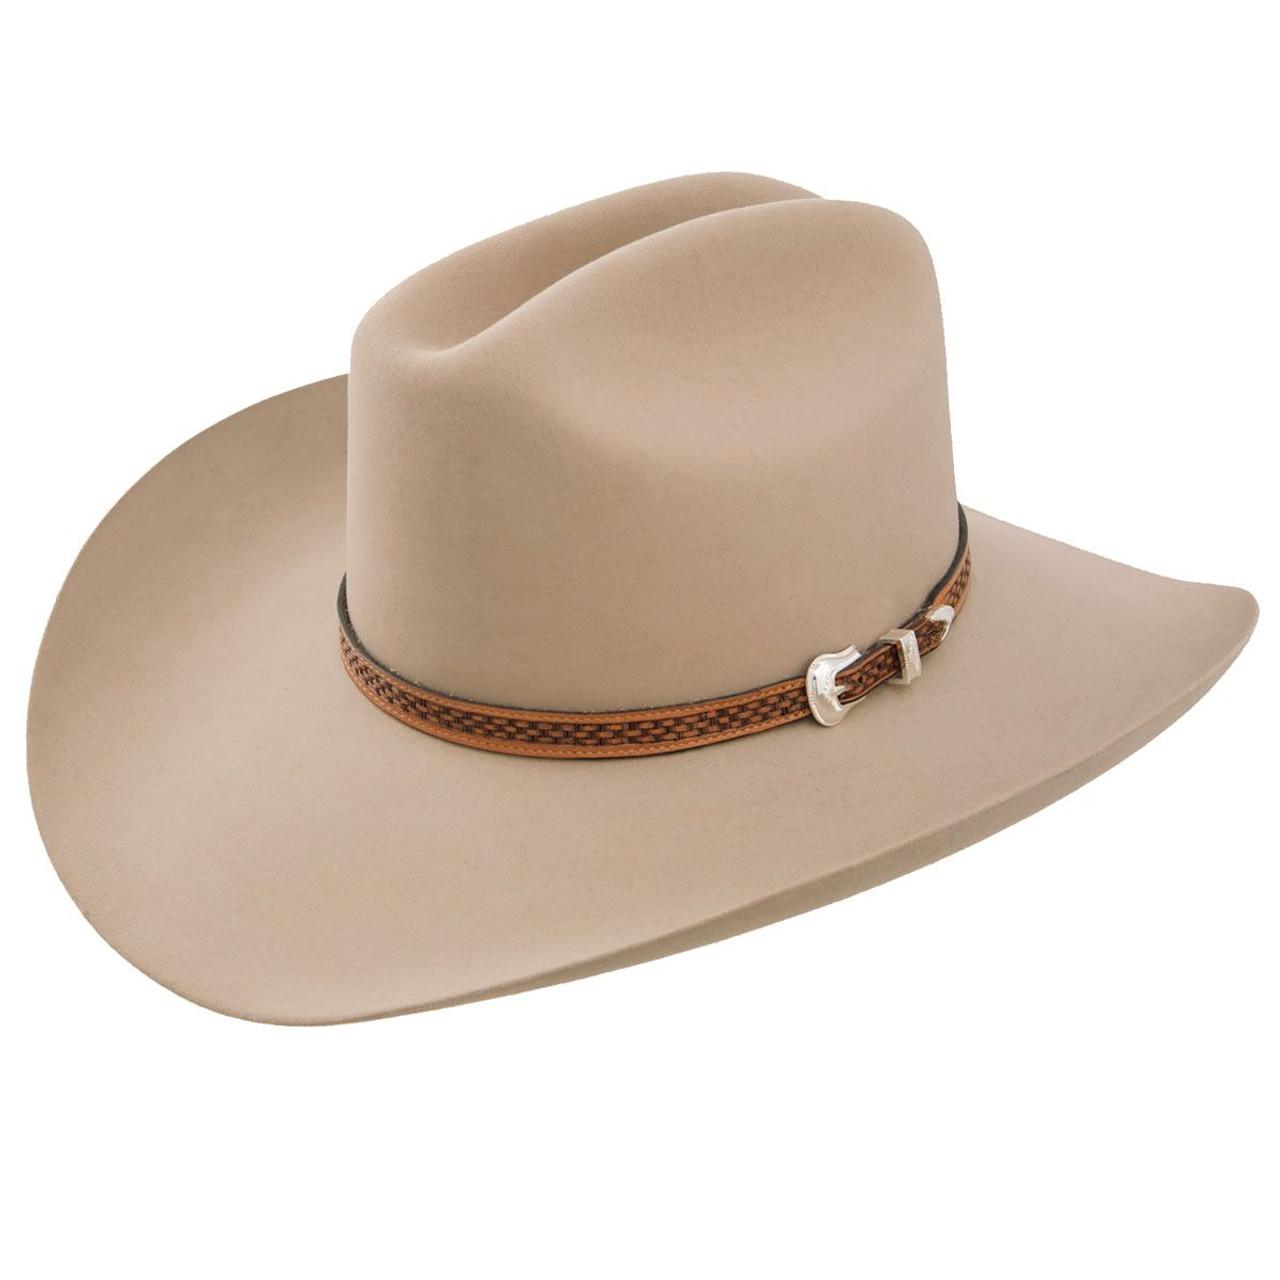 90067095b71e3b Stetson Marshall Fur Felt Cowboy Hat - Herbert's Boots and Western Wear